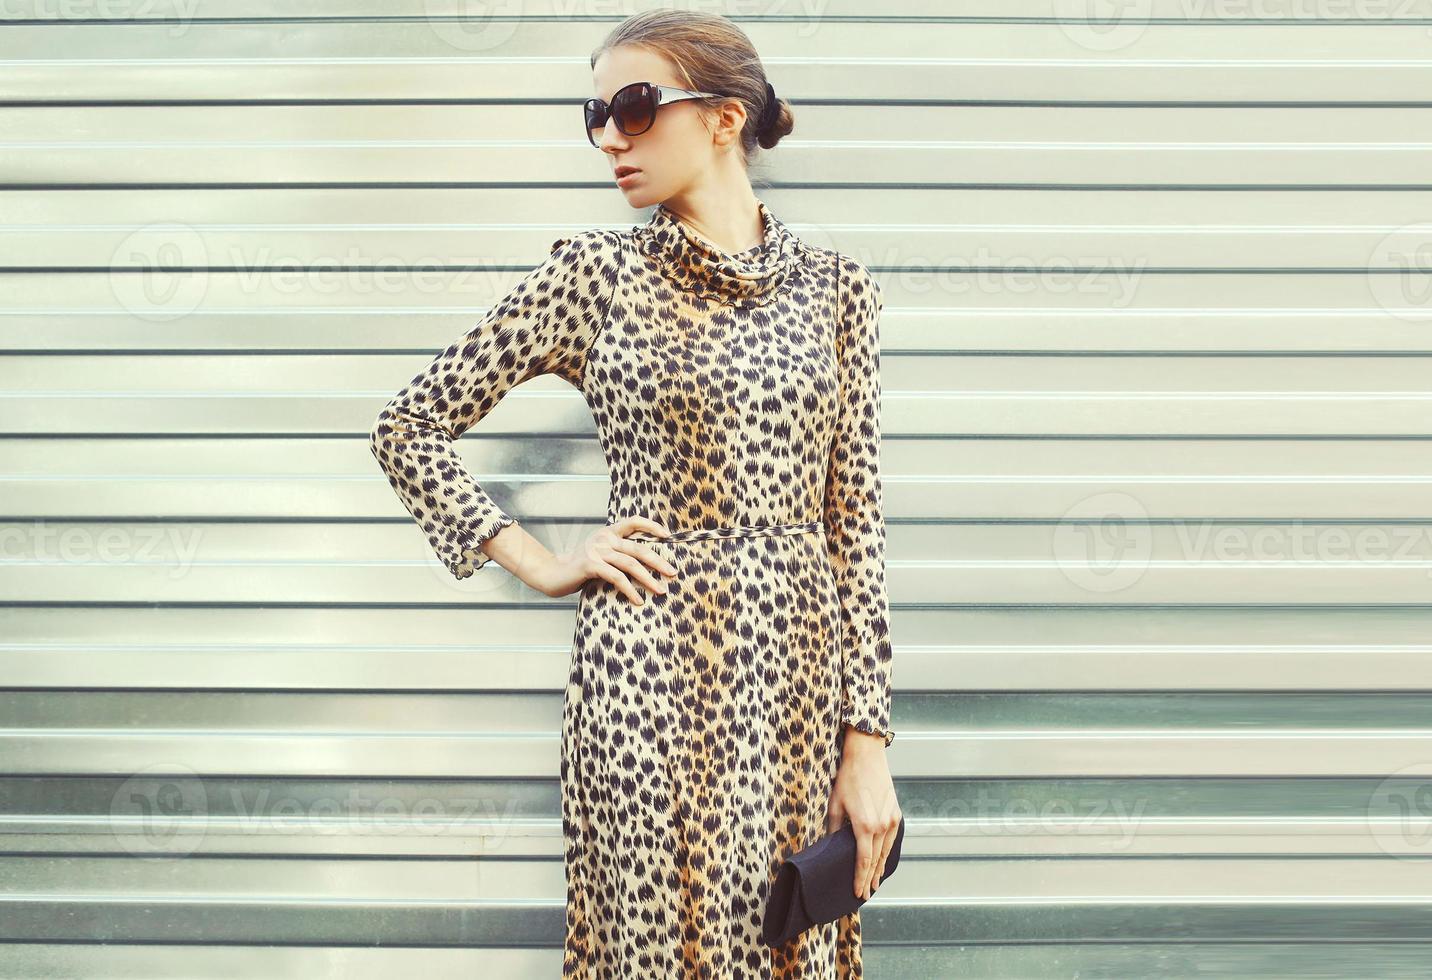 moda bella donna in occhiali da sole e abito leopardato con handba foto